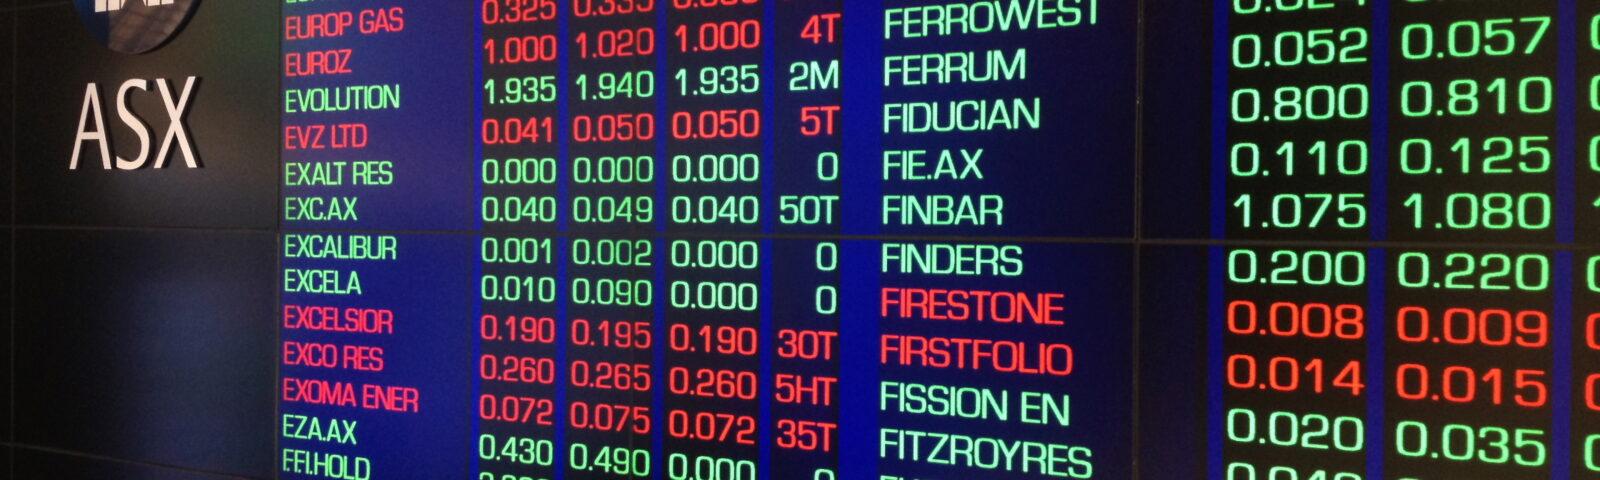 מגעים בין הבורסות של אוסטרליה וישראל להסדר רישום כפול